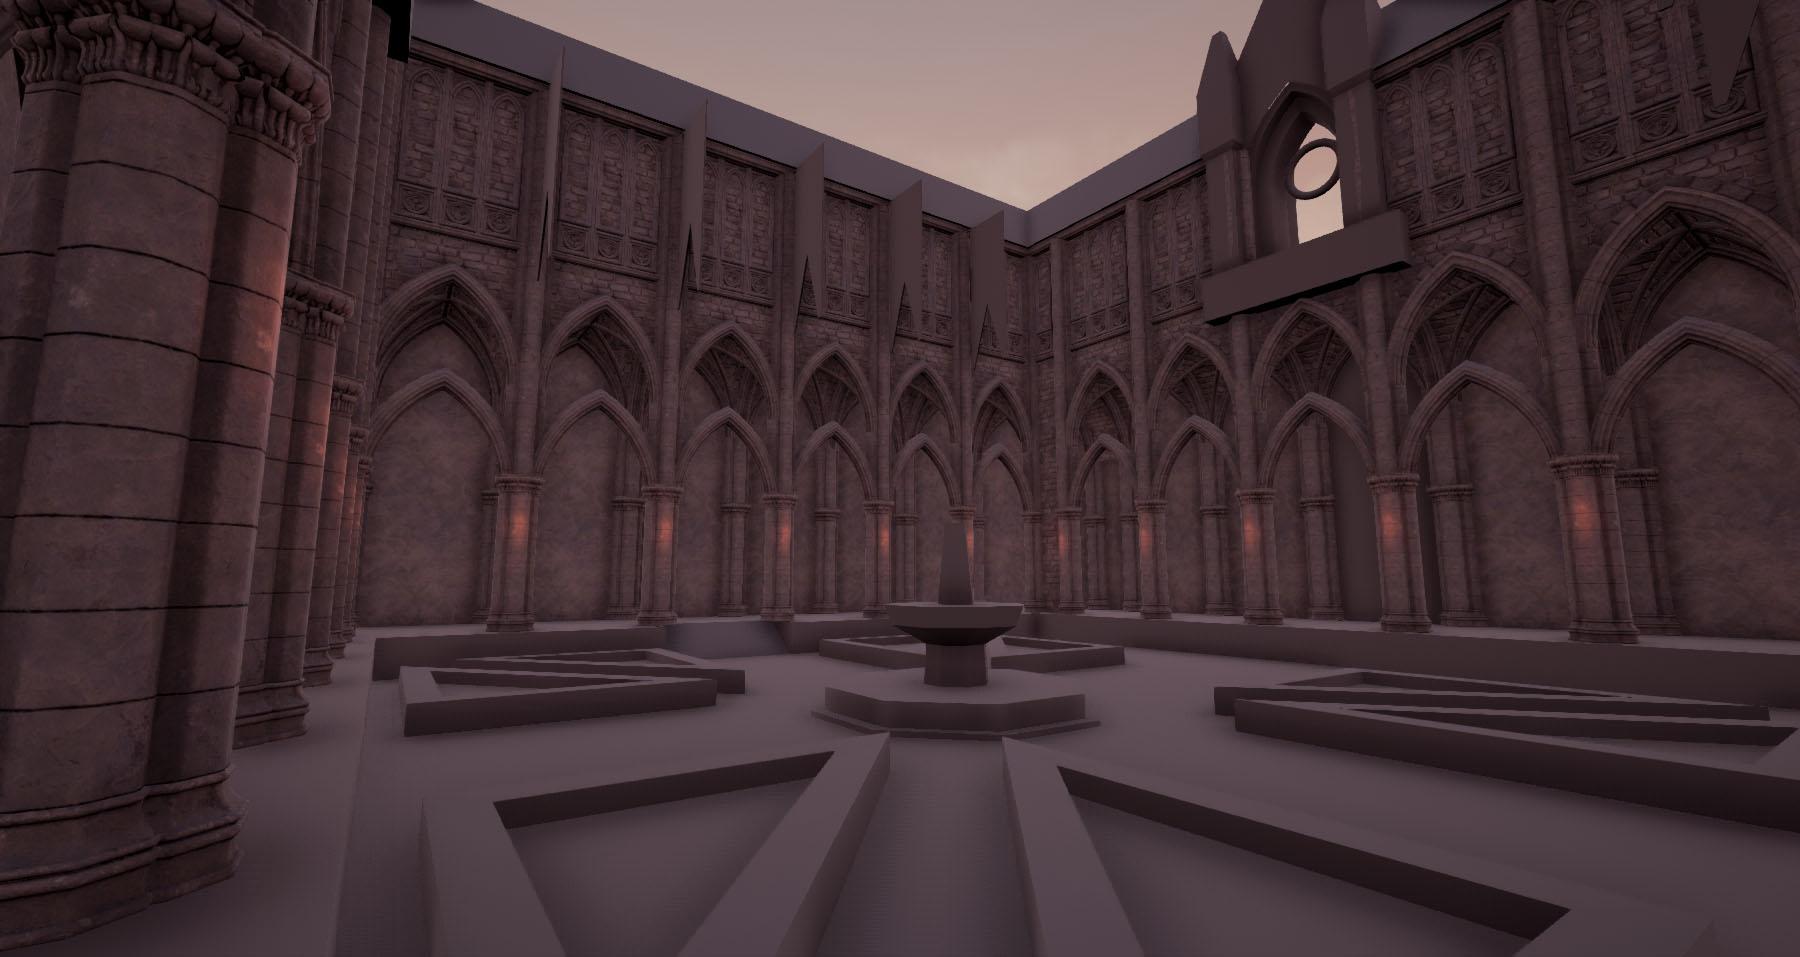 courtyard_wip3.jpg